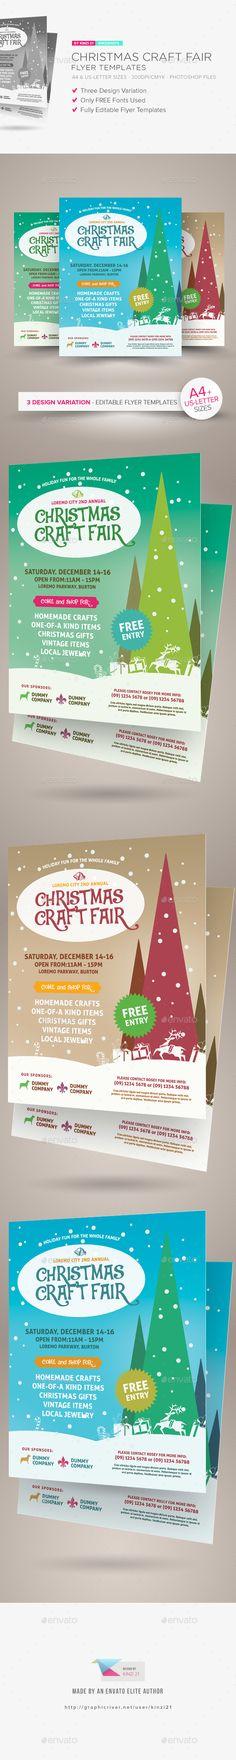 Printable Flyer Chrismas Holiday Fair Fest Bazaar Craft Show  Pto